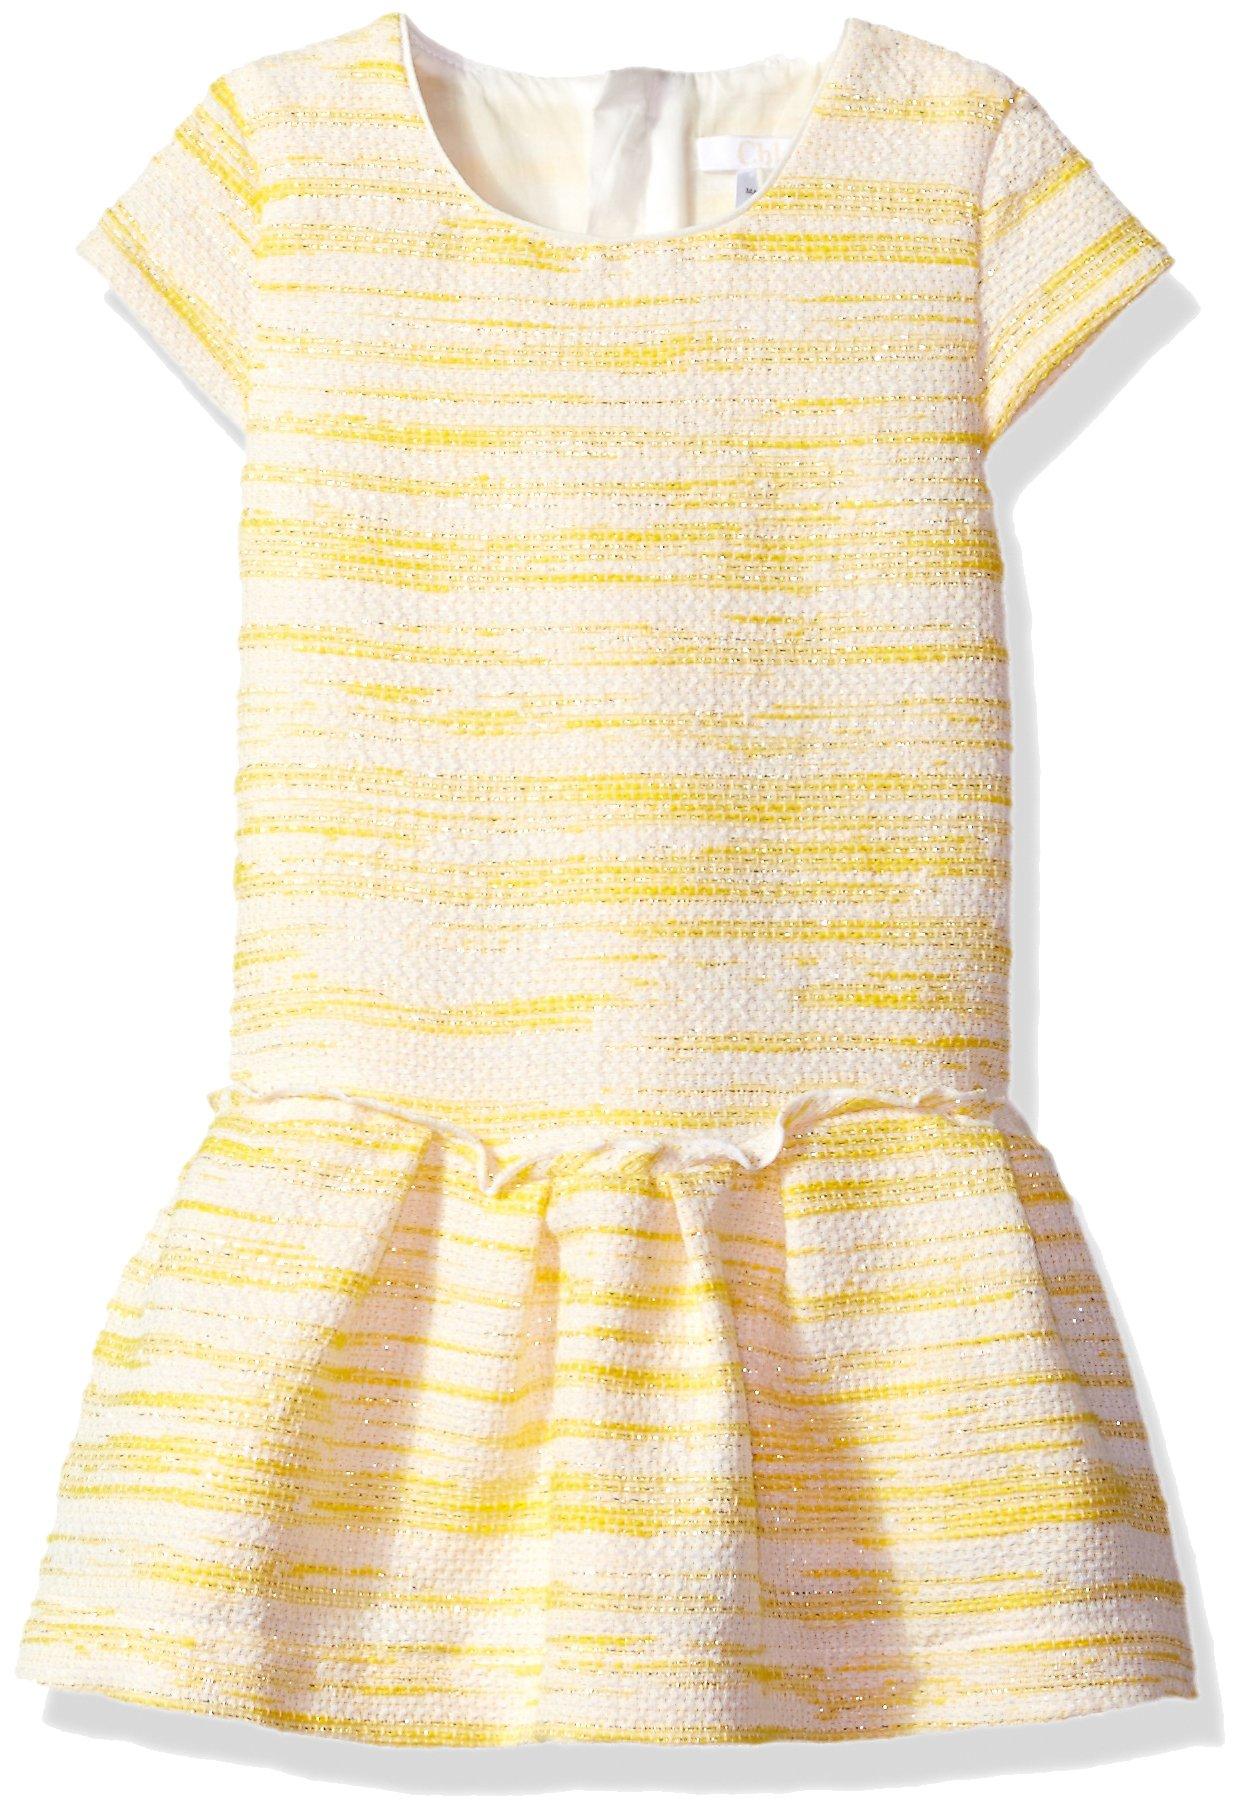 Chloe Baby Girls' Tweed Style Sleeveless Dress Infant, Banane, 18M